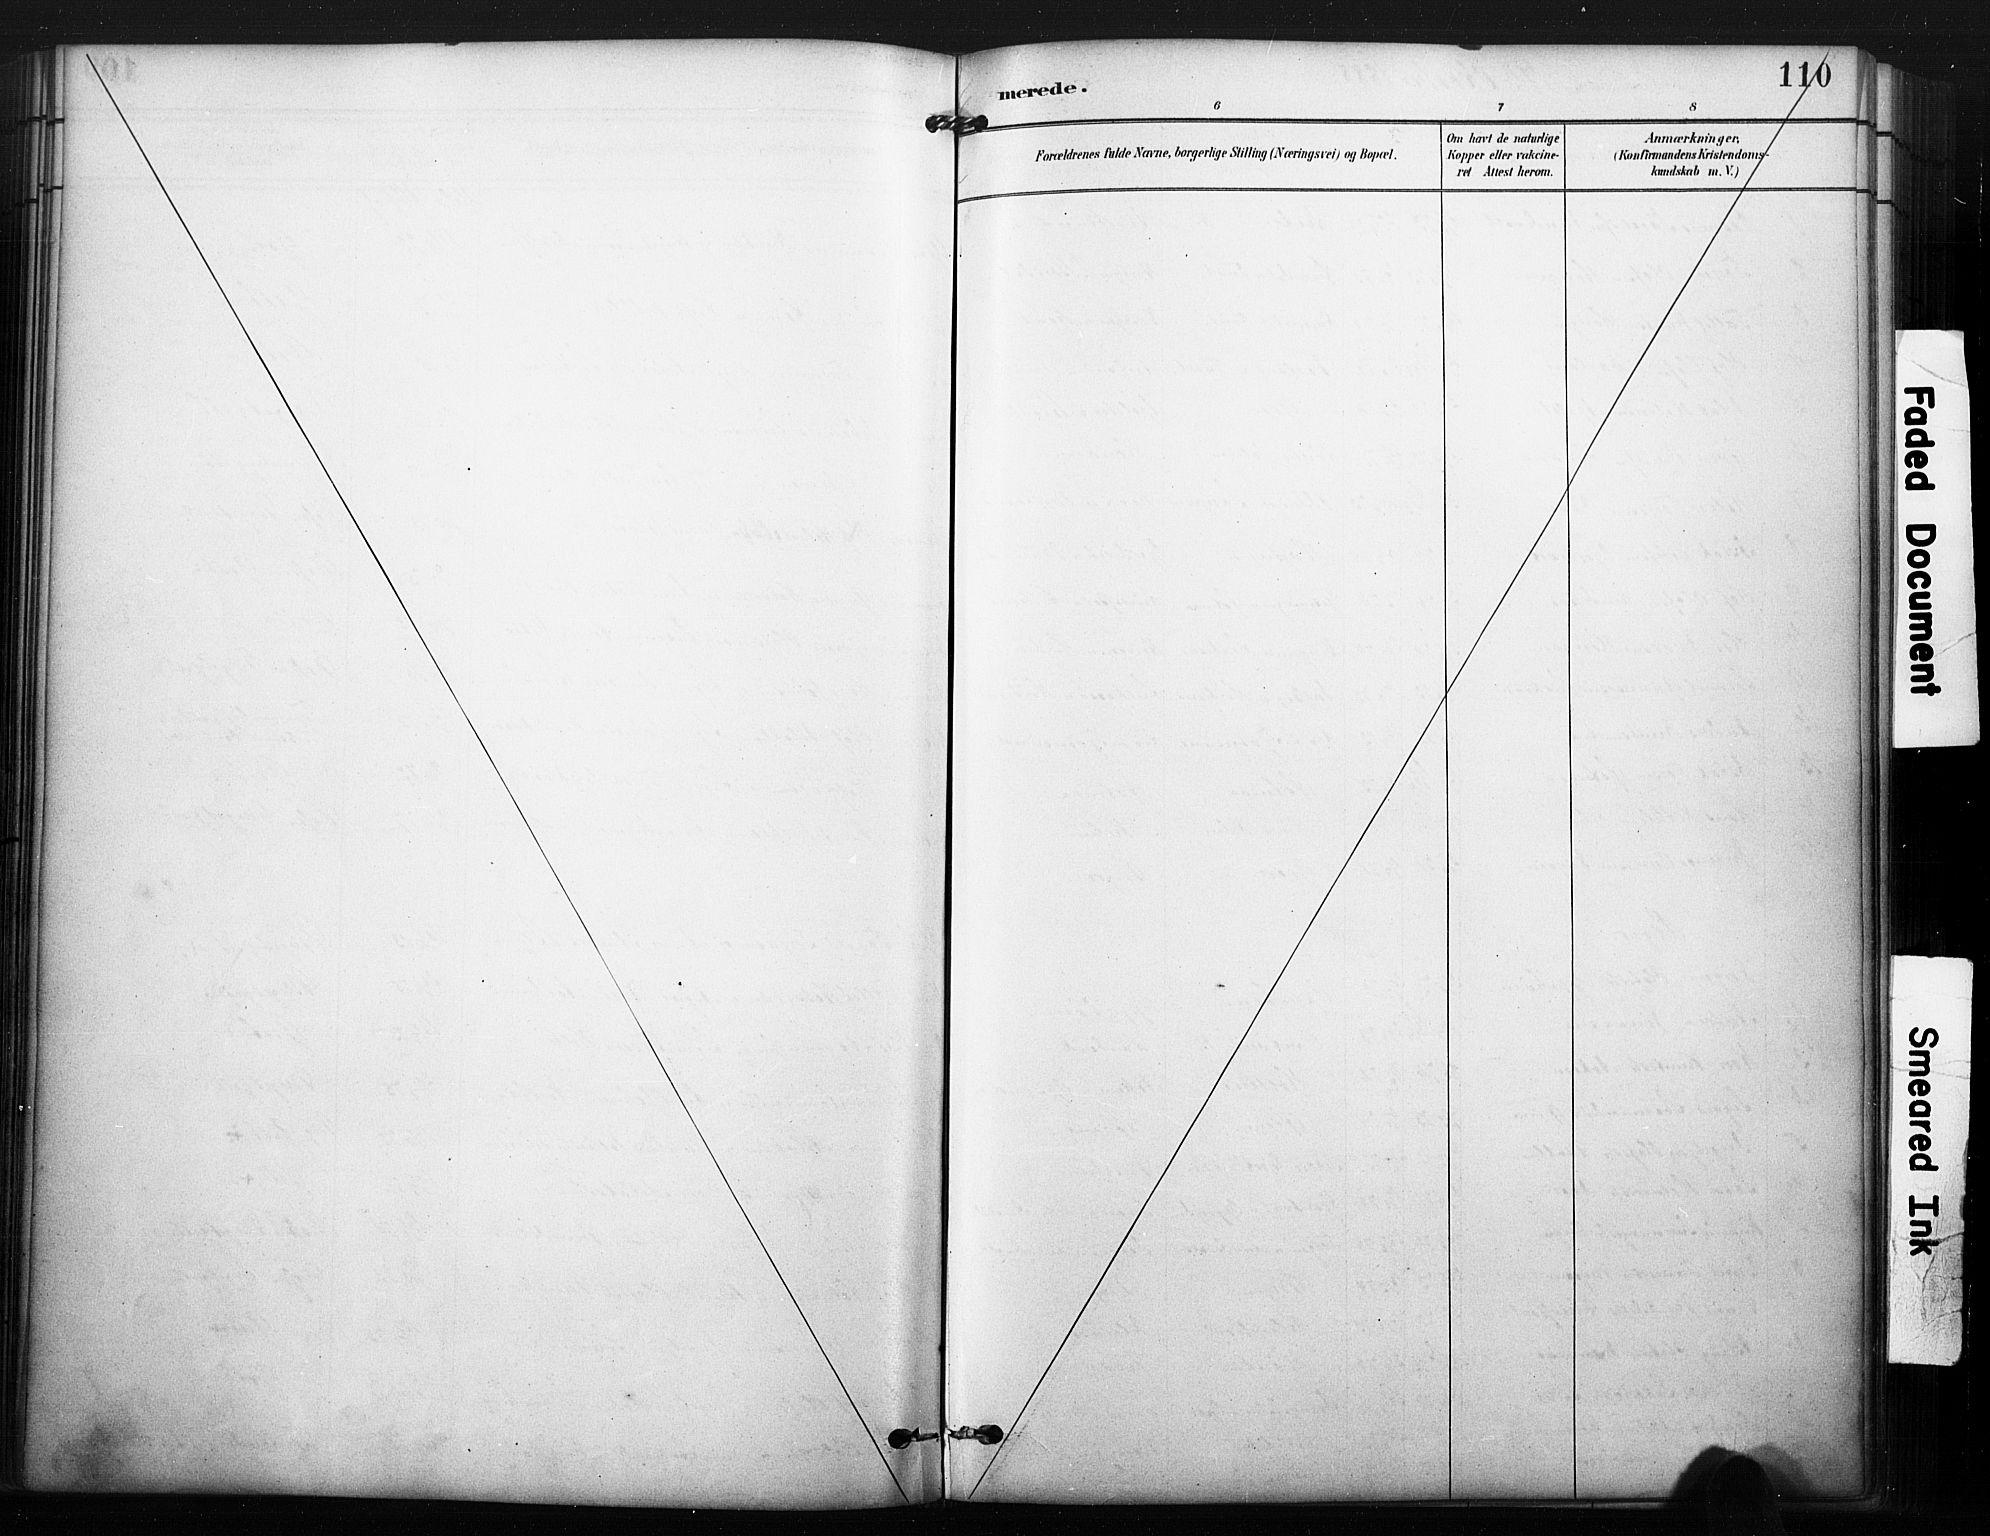 SAKO, Kviteseid kirkebøker, F/Fa/L0008: Ministerialbok nr. I 8, 1882-1903, s. 110